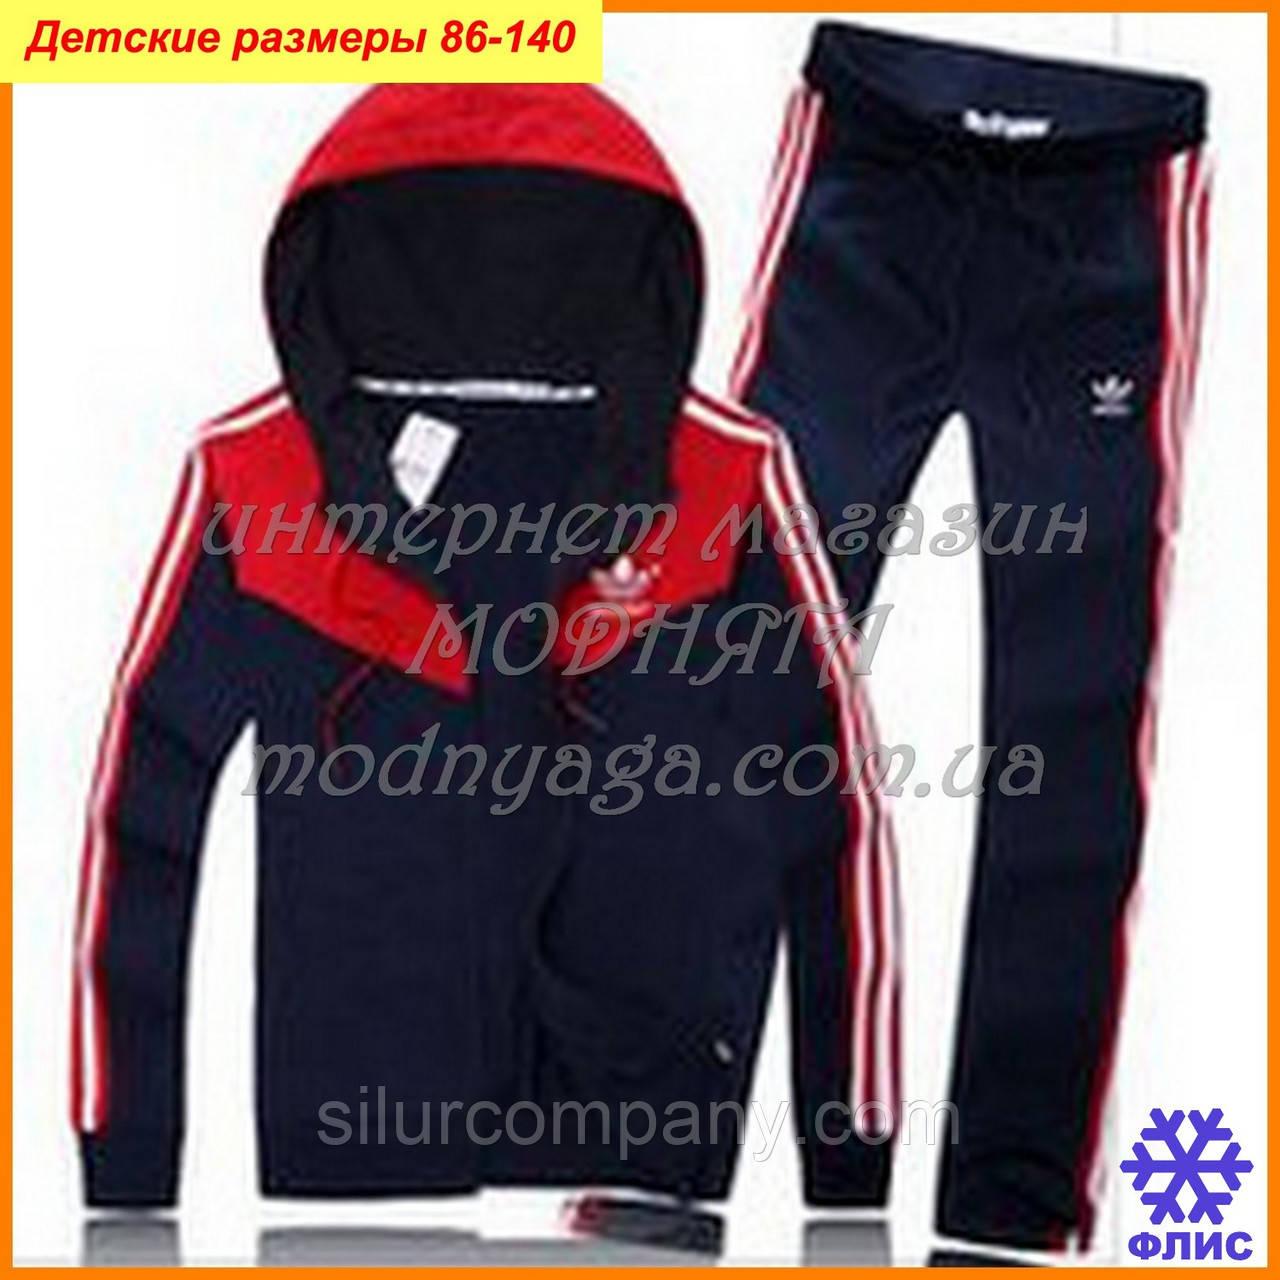 5e753d6fac3705 Утепленный Спортивный костюм адидас для подростка: продажа, цена в ...